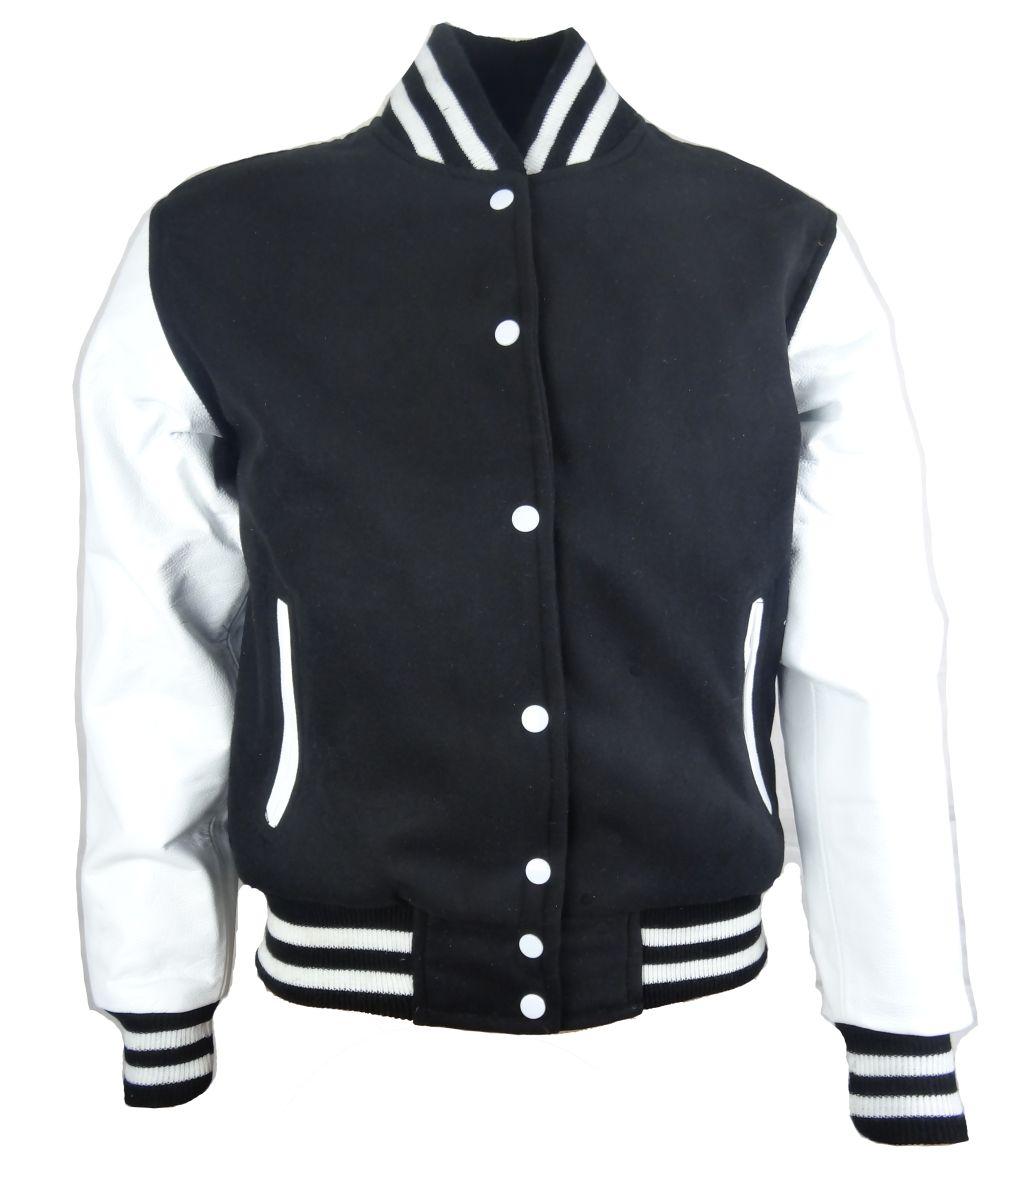 Damen College Jacke Sweatjacke mit Leder Schwarz-Weiß Gr. S M L XL